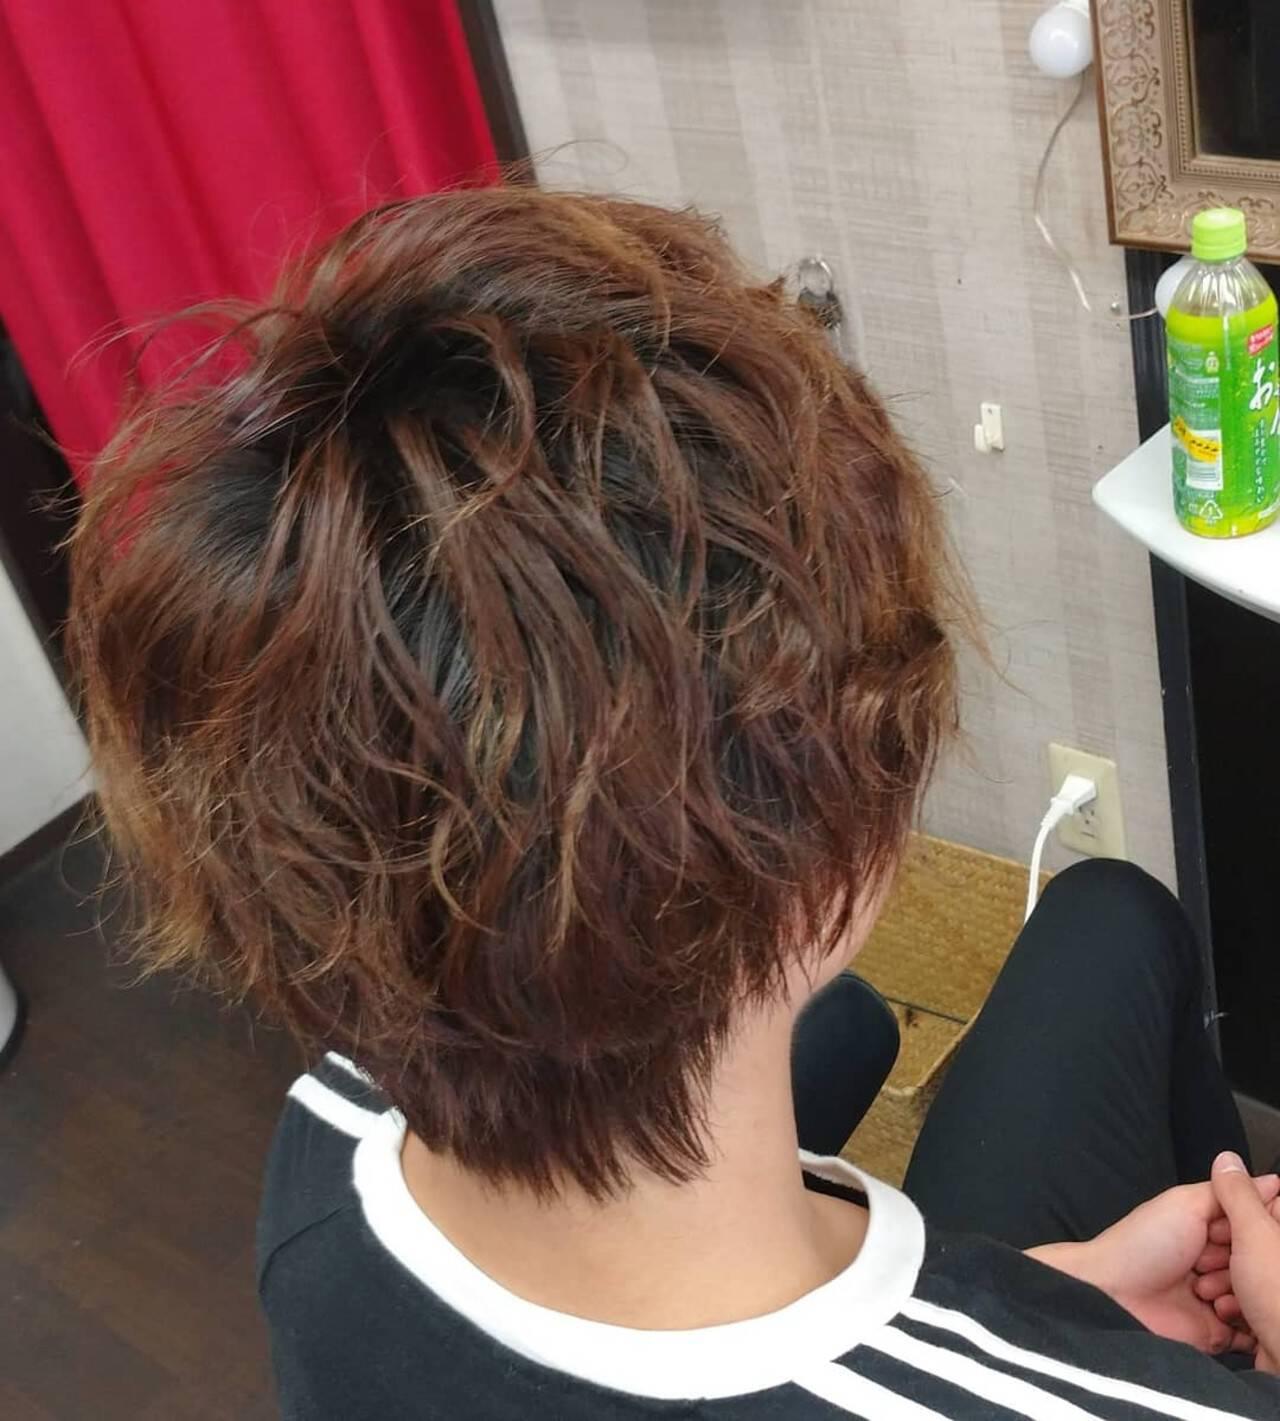 ナチュラル メンズパーマ メンズヘア メンズヘアスタイルや髪型の写真・画像